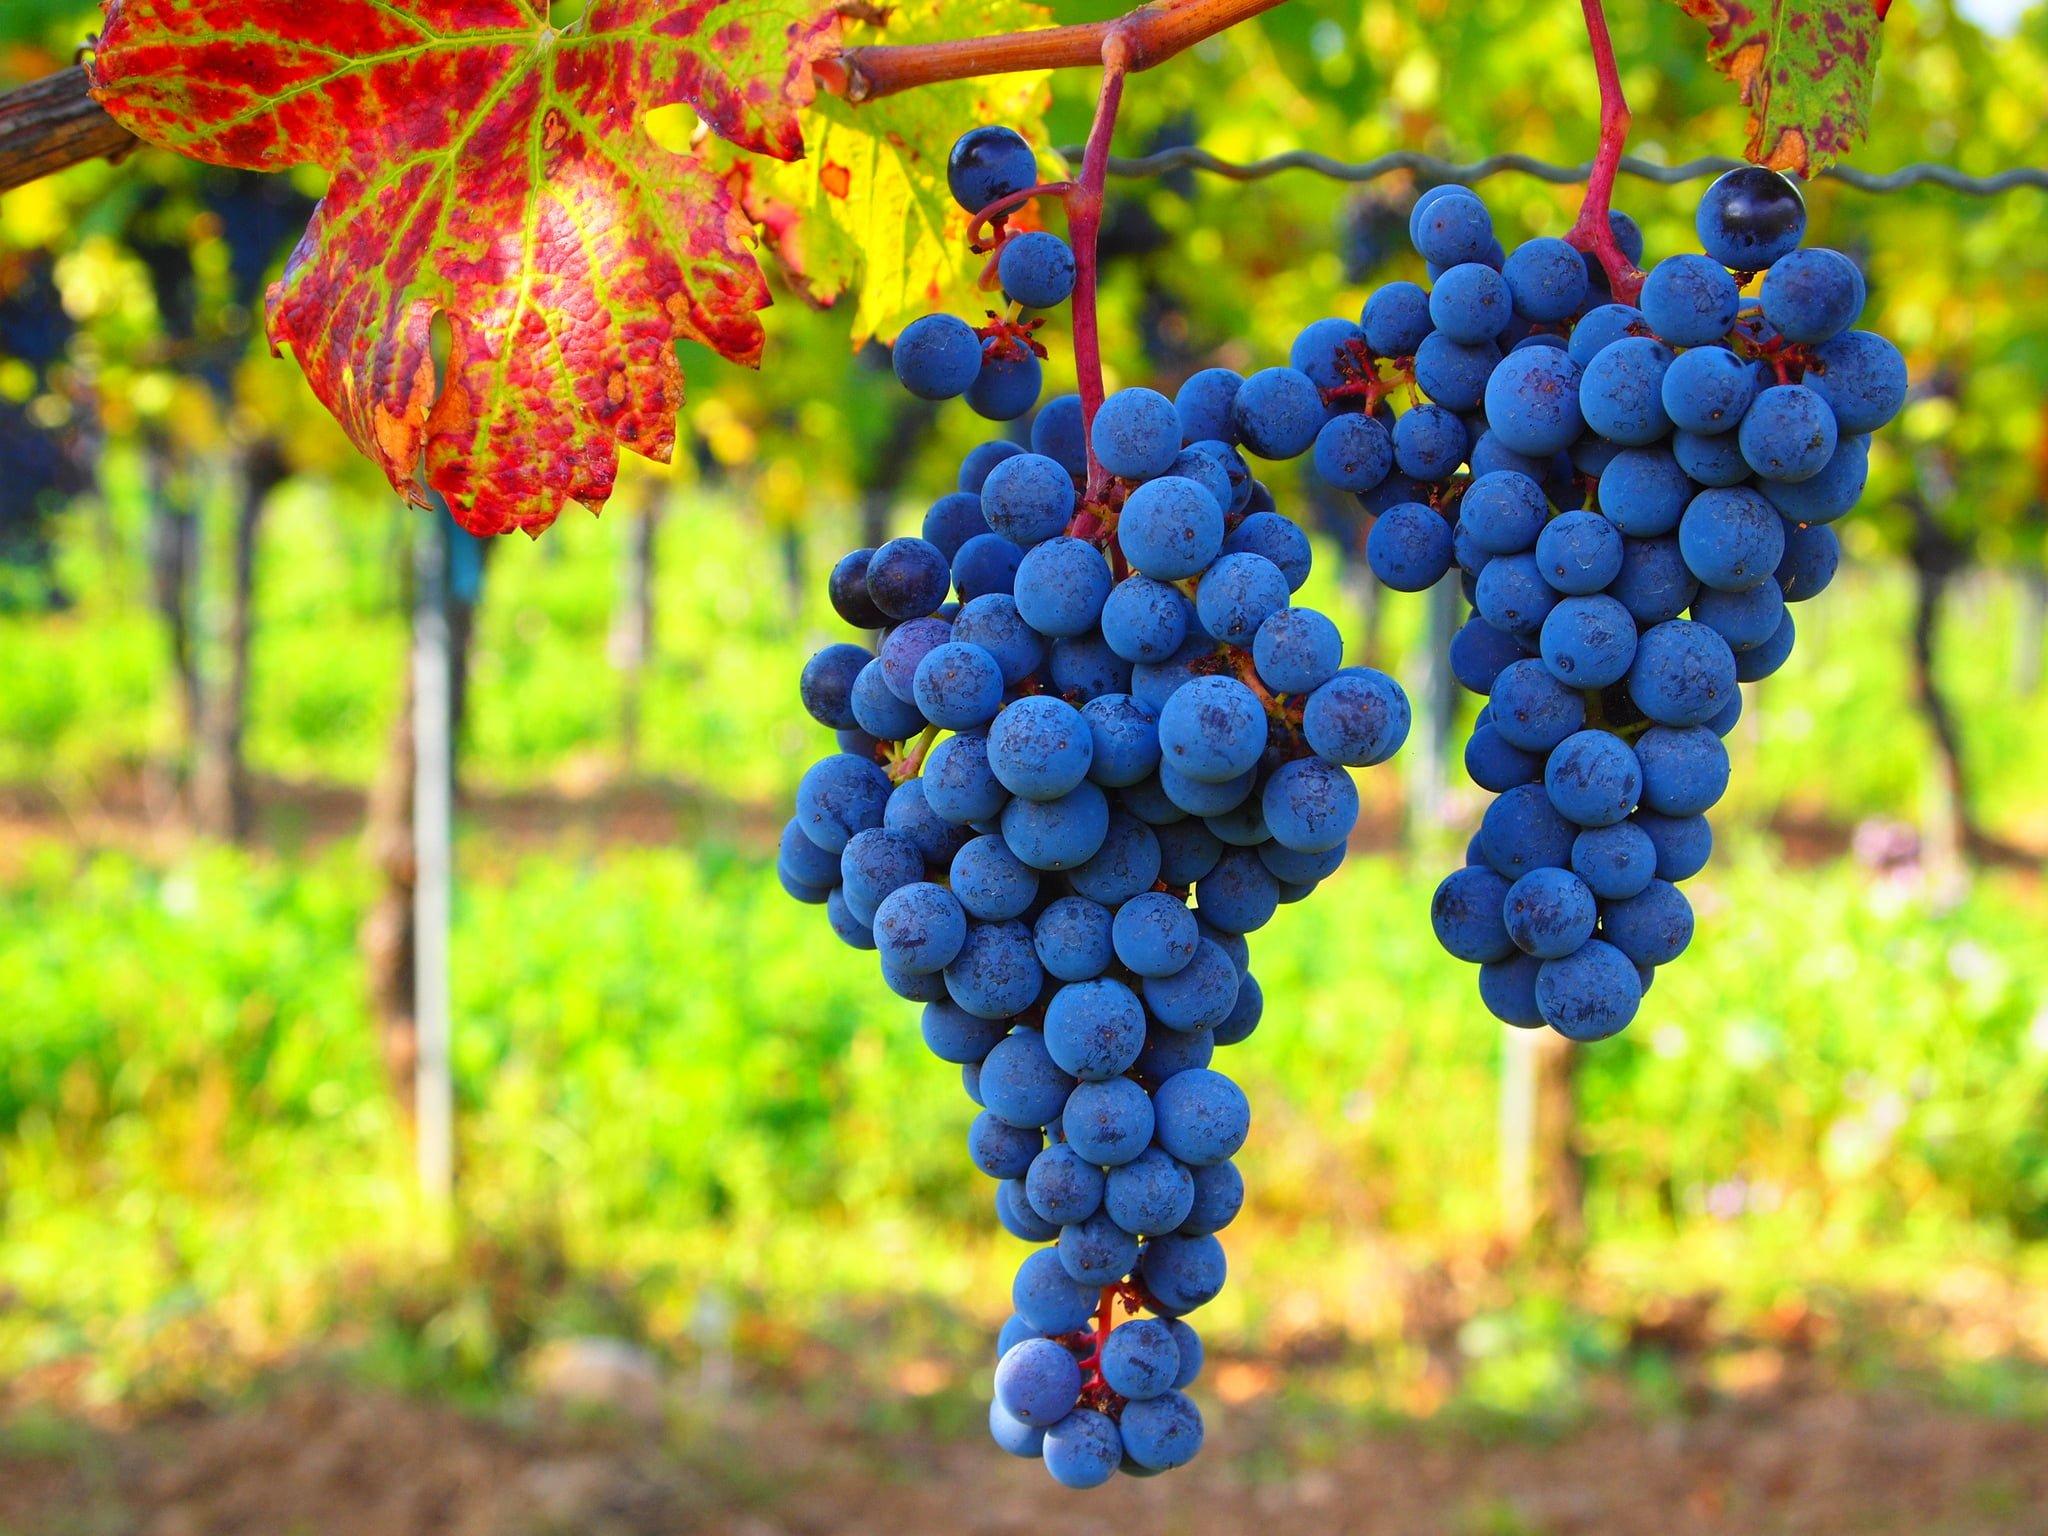 Farm Blue grapes_oberto Verzo